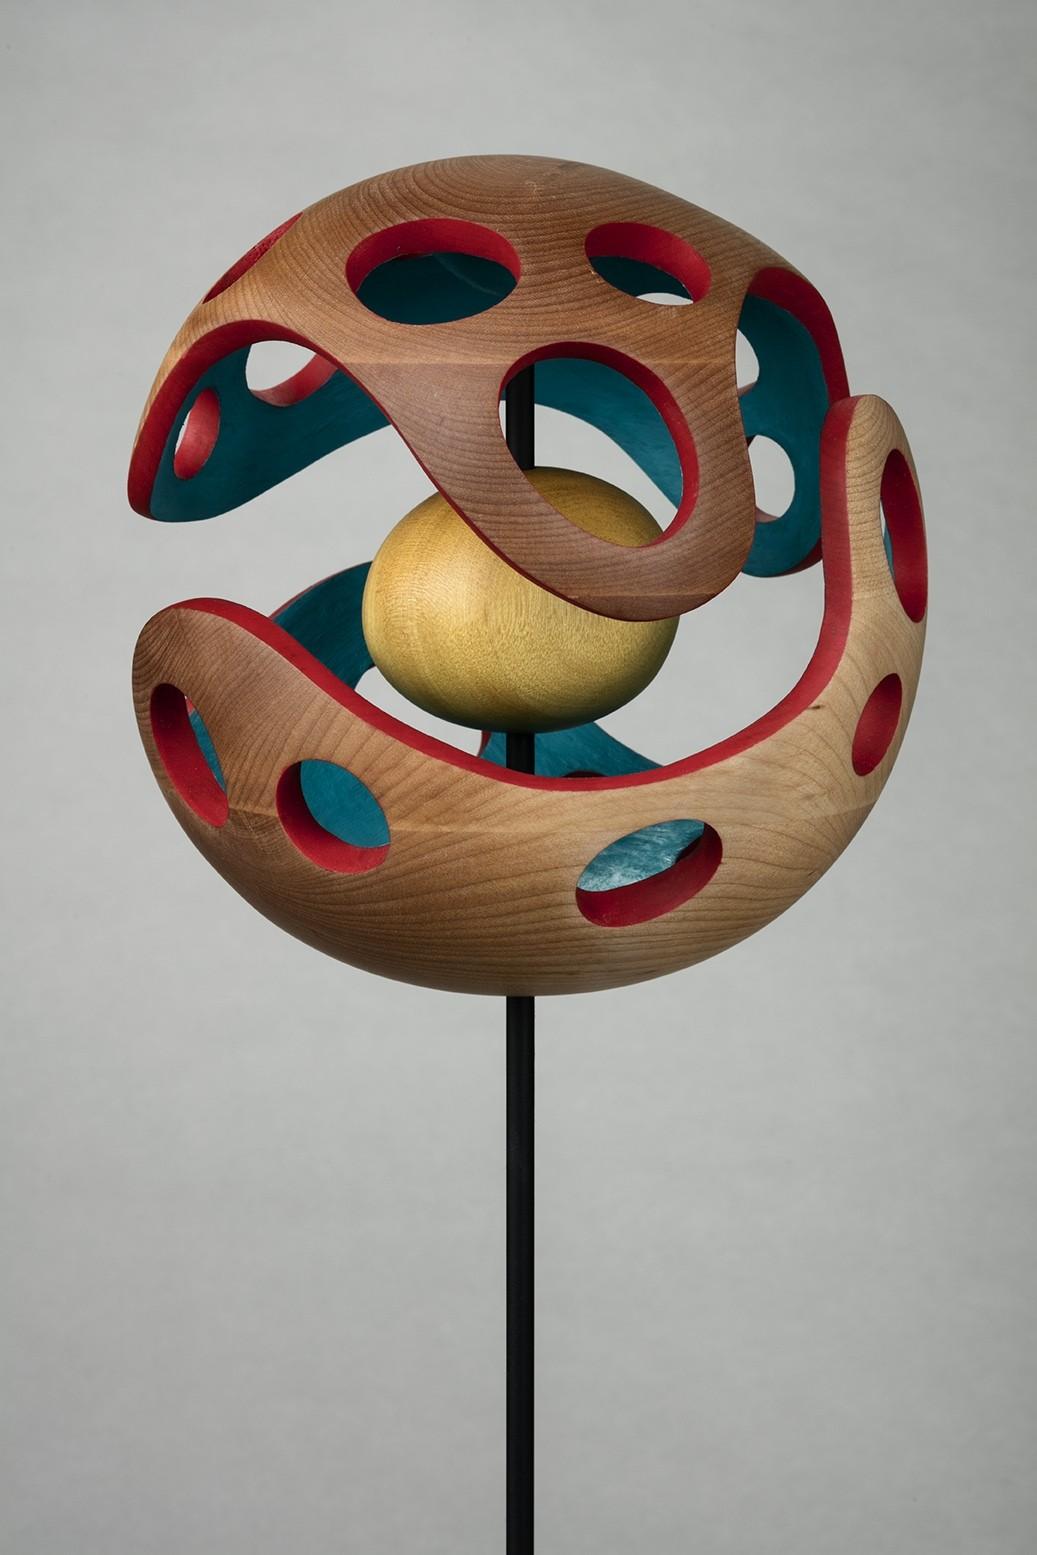 Terre des hommes 1967, de l'artiste François Lauzier, Sculpture, merisier, amarello, Création unique, dimension : 18 x 18 x 18 cm